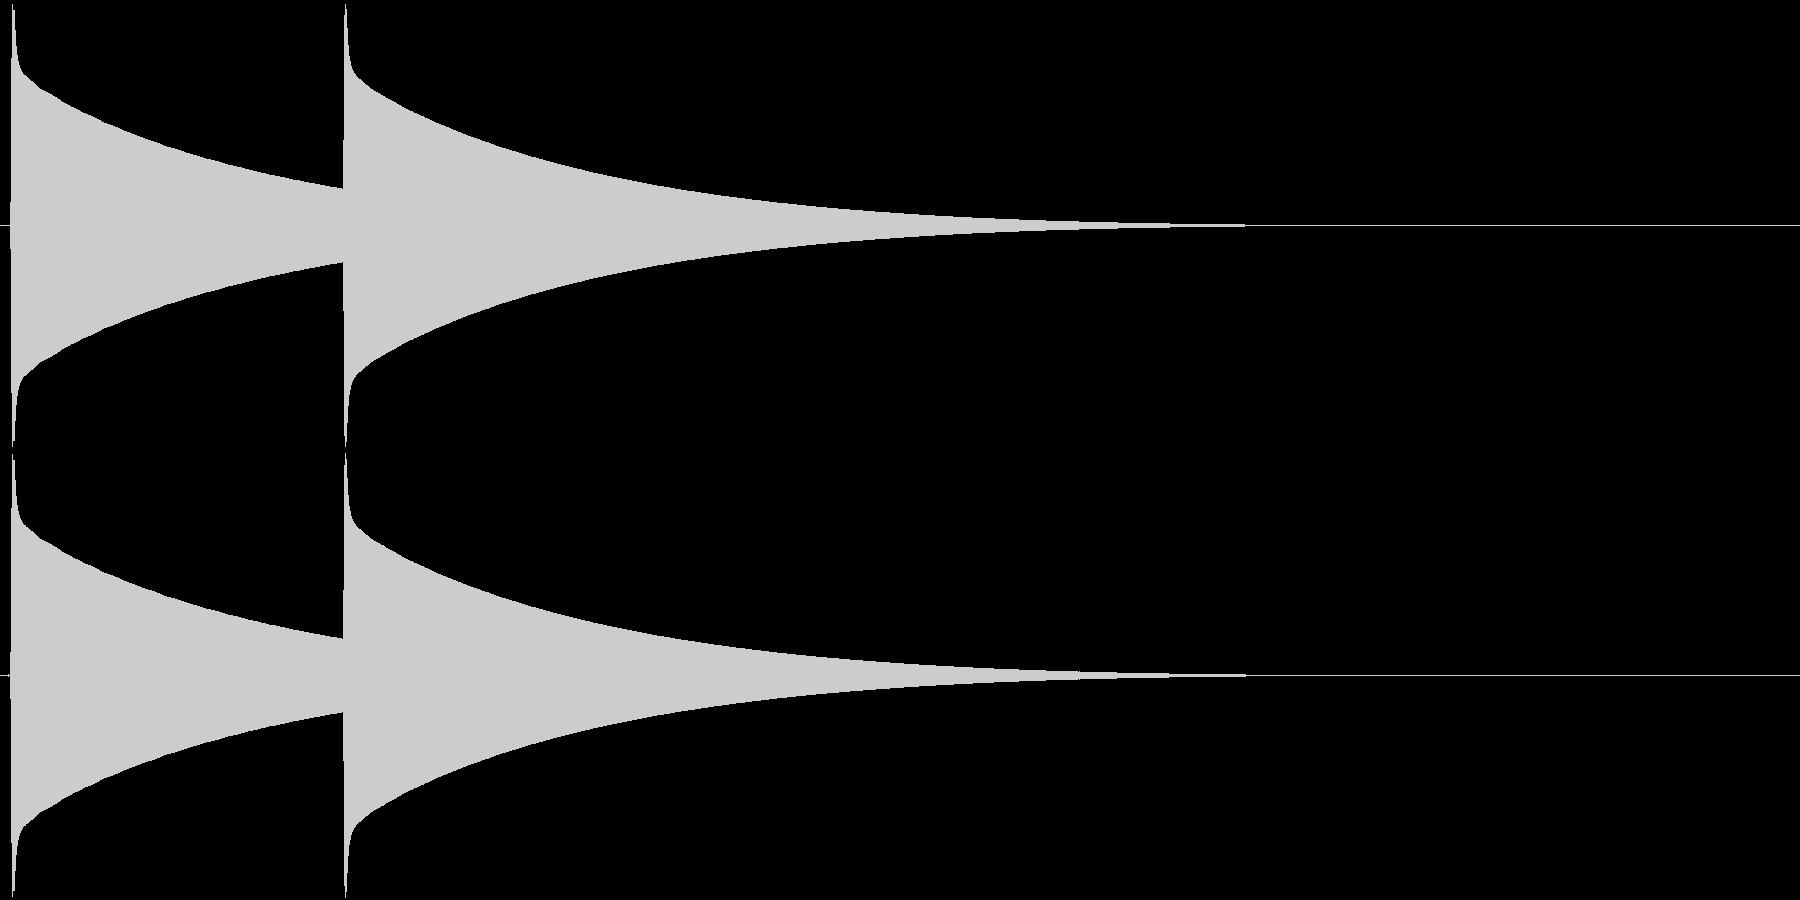 ピーンポーン(インターフォン、入店音)の未再生の波形